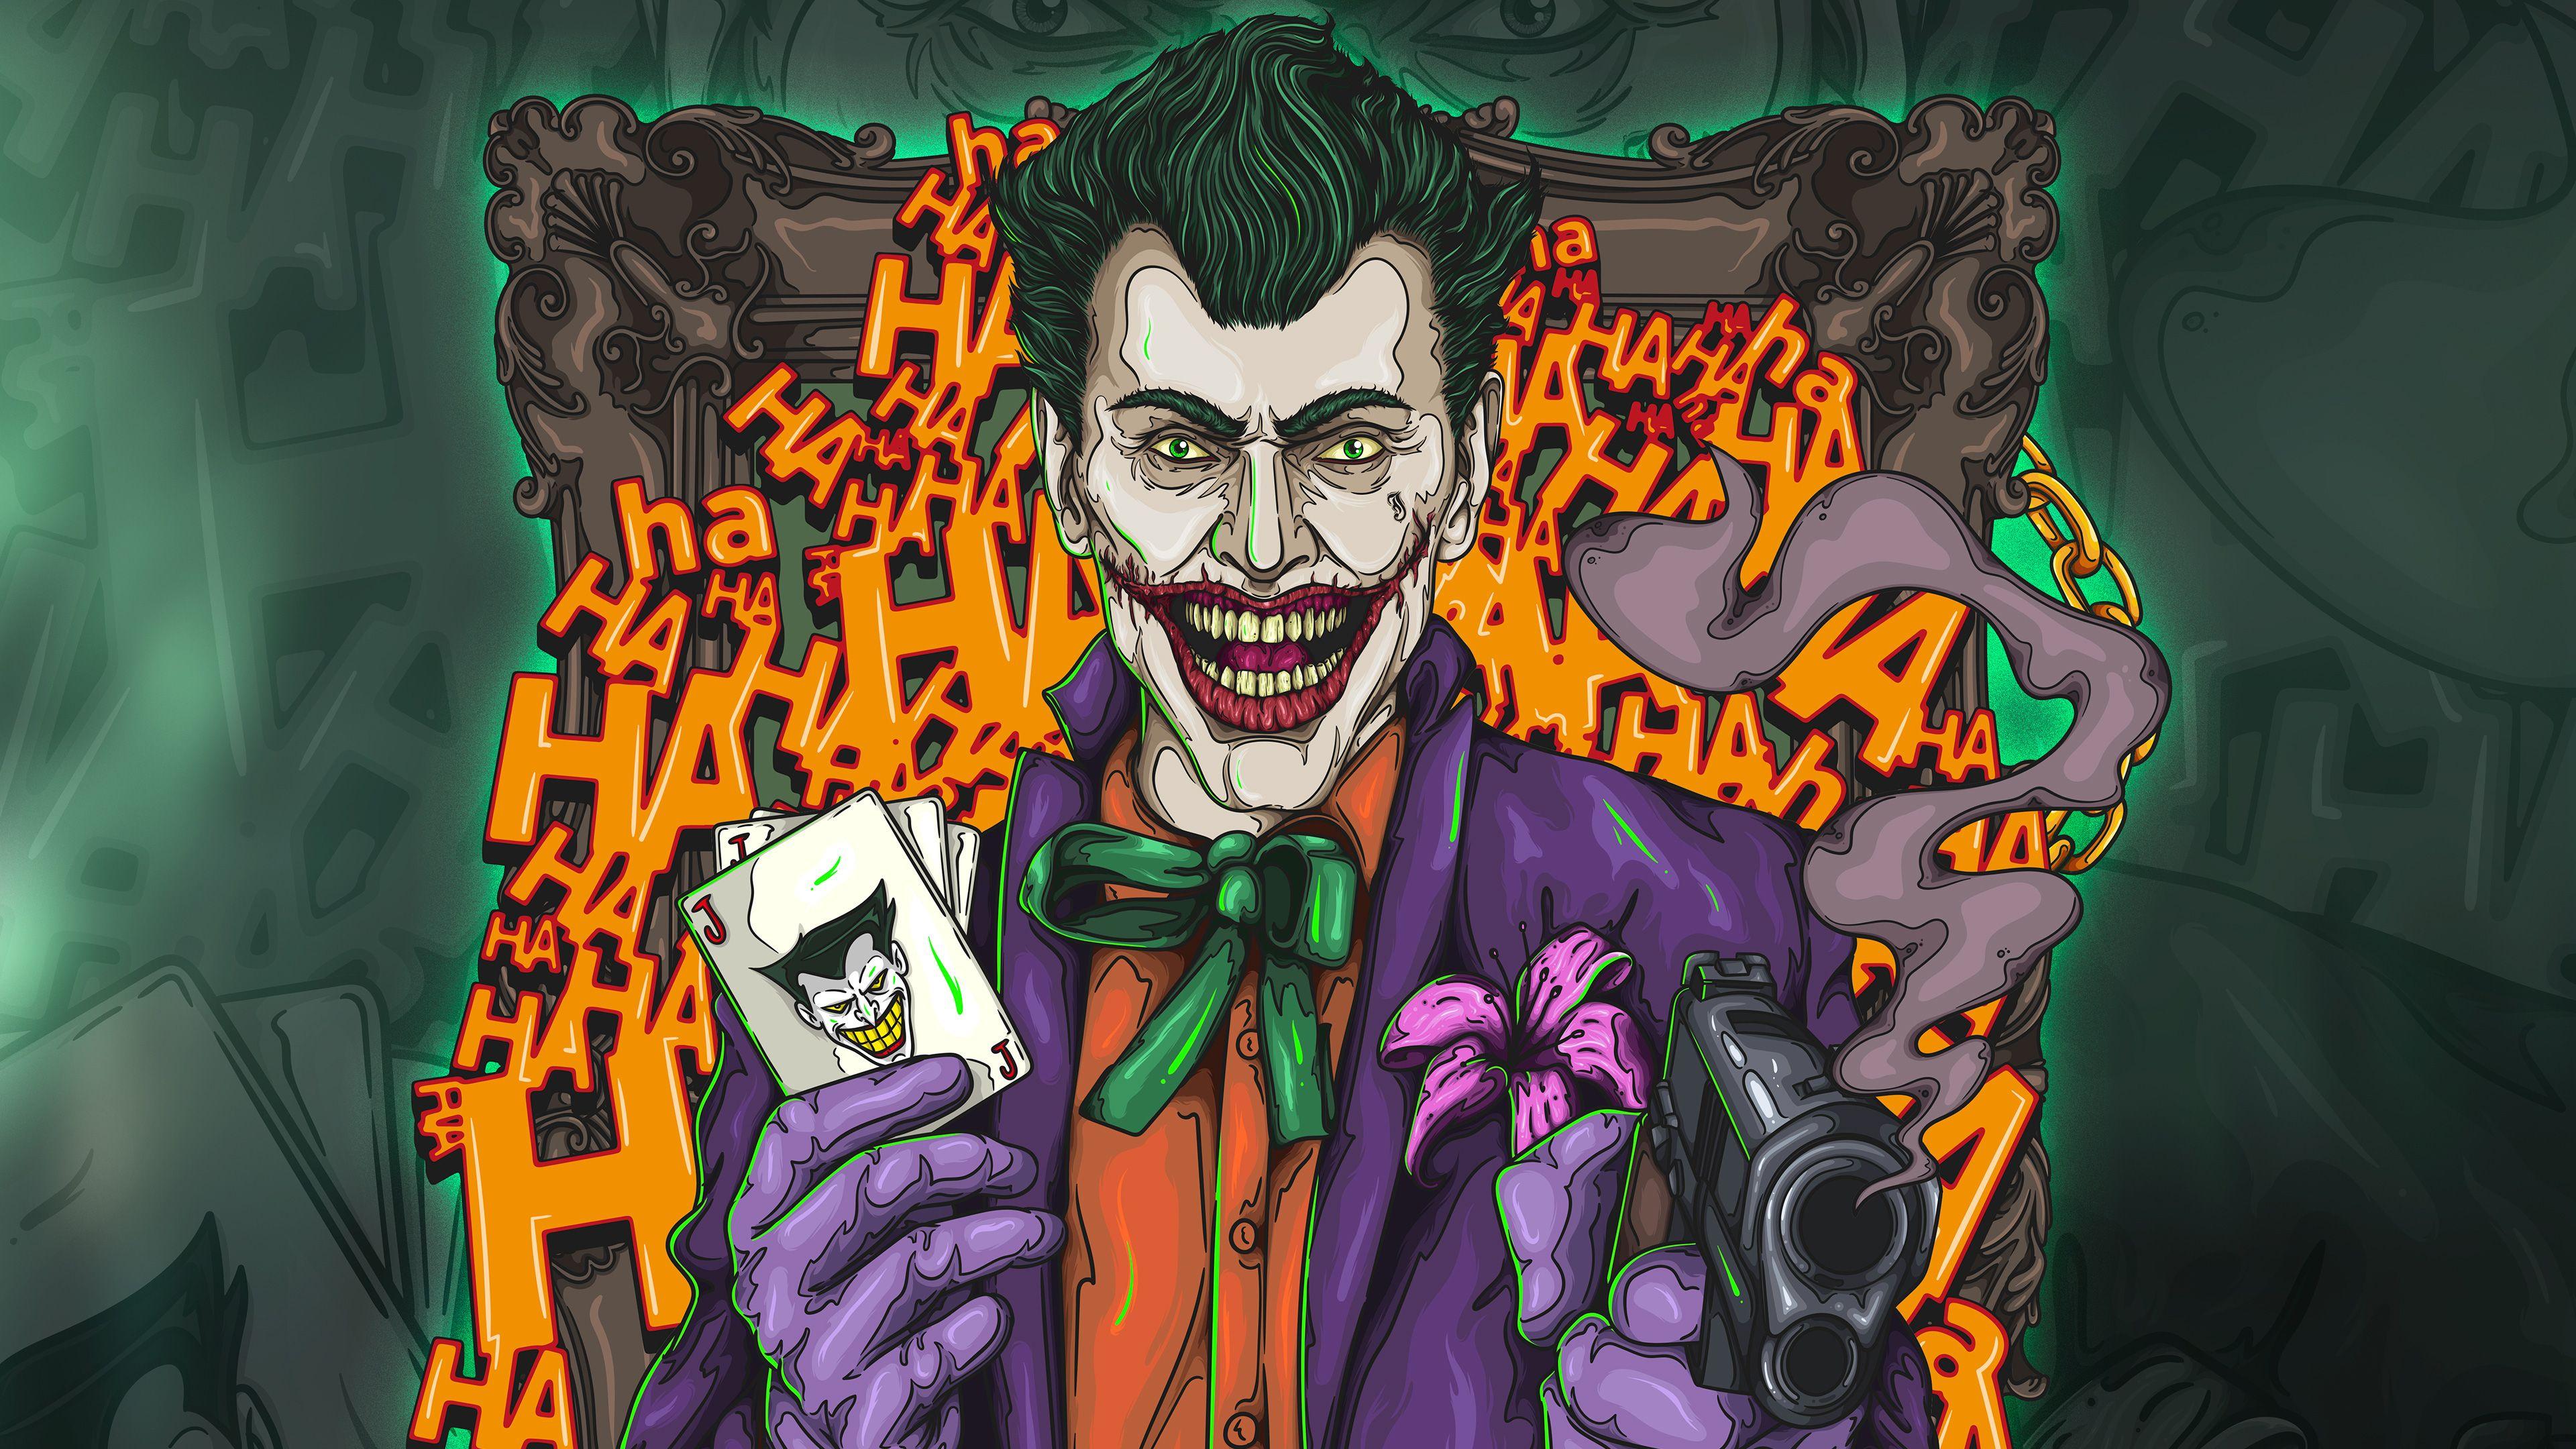 The Joker 4k Artwork